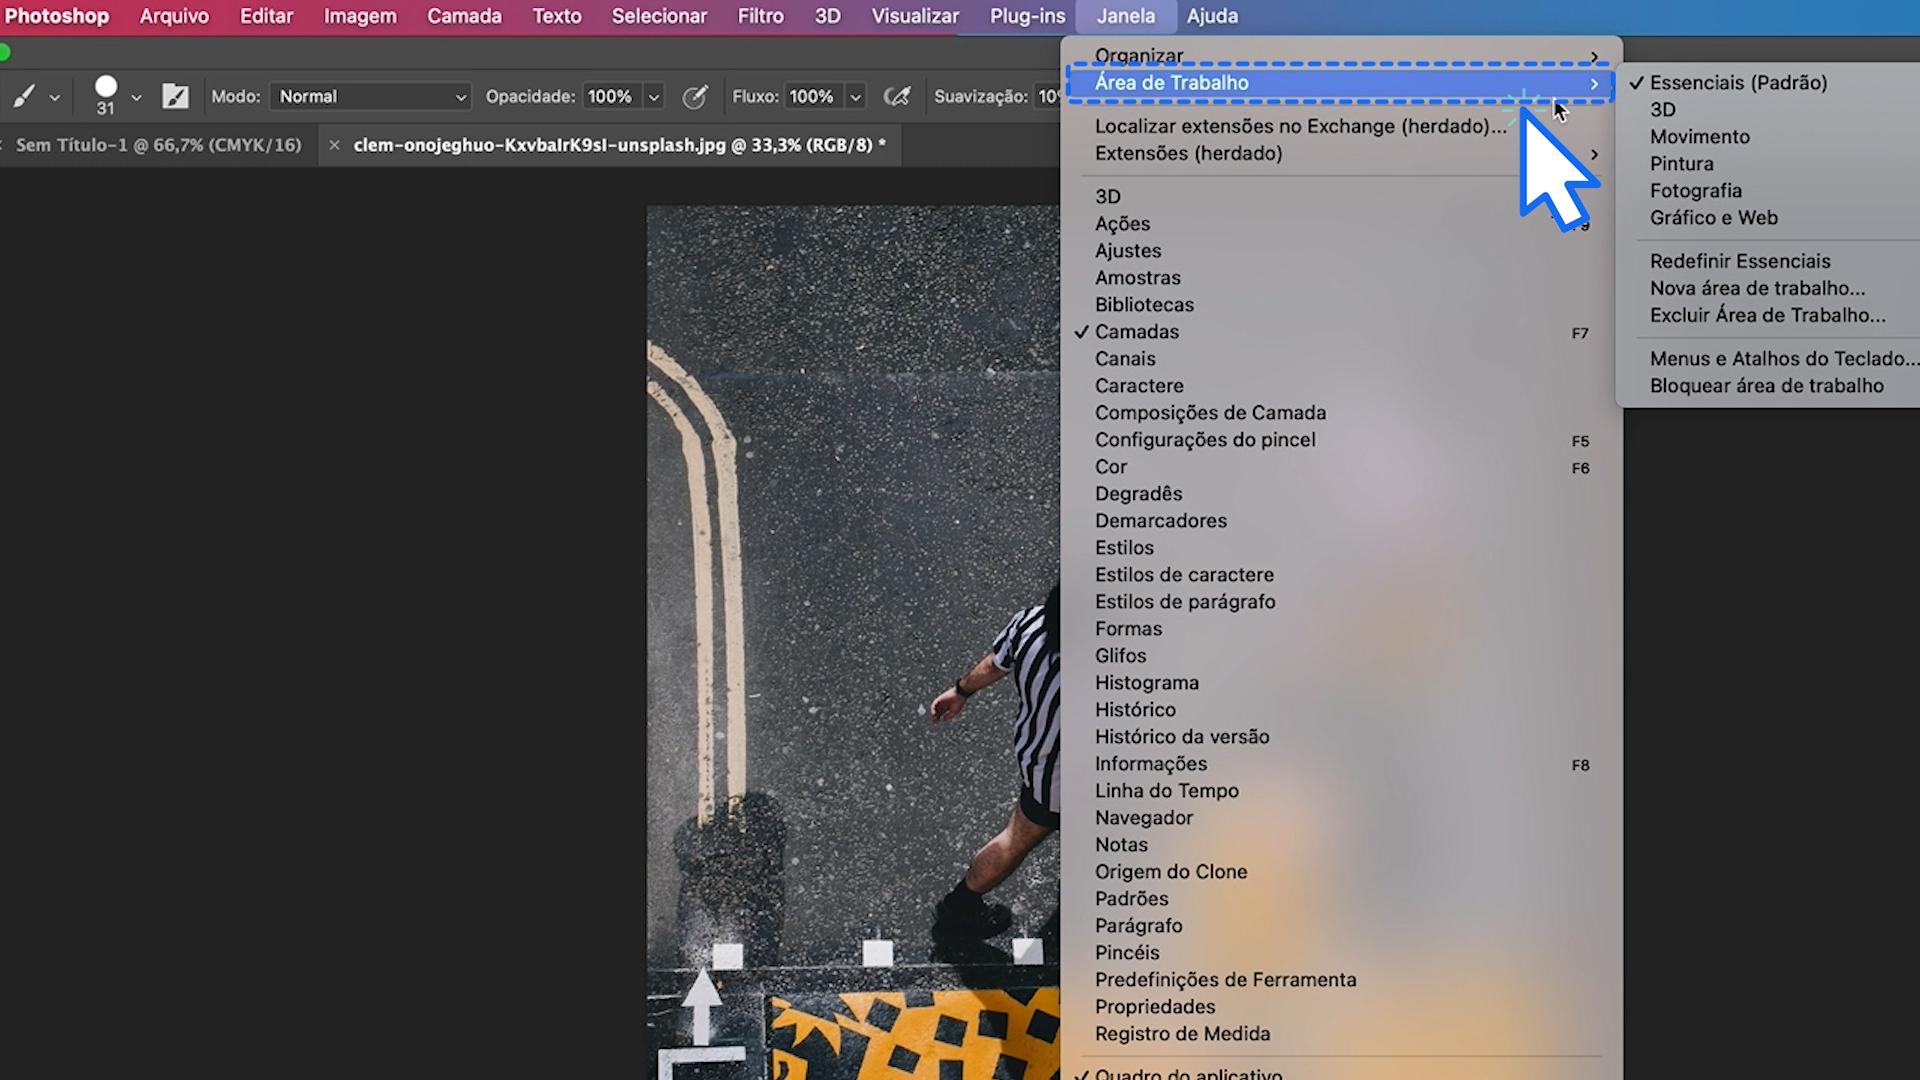 Como personalizar a área de trabalho do Photoshop 7